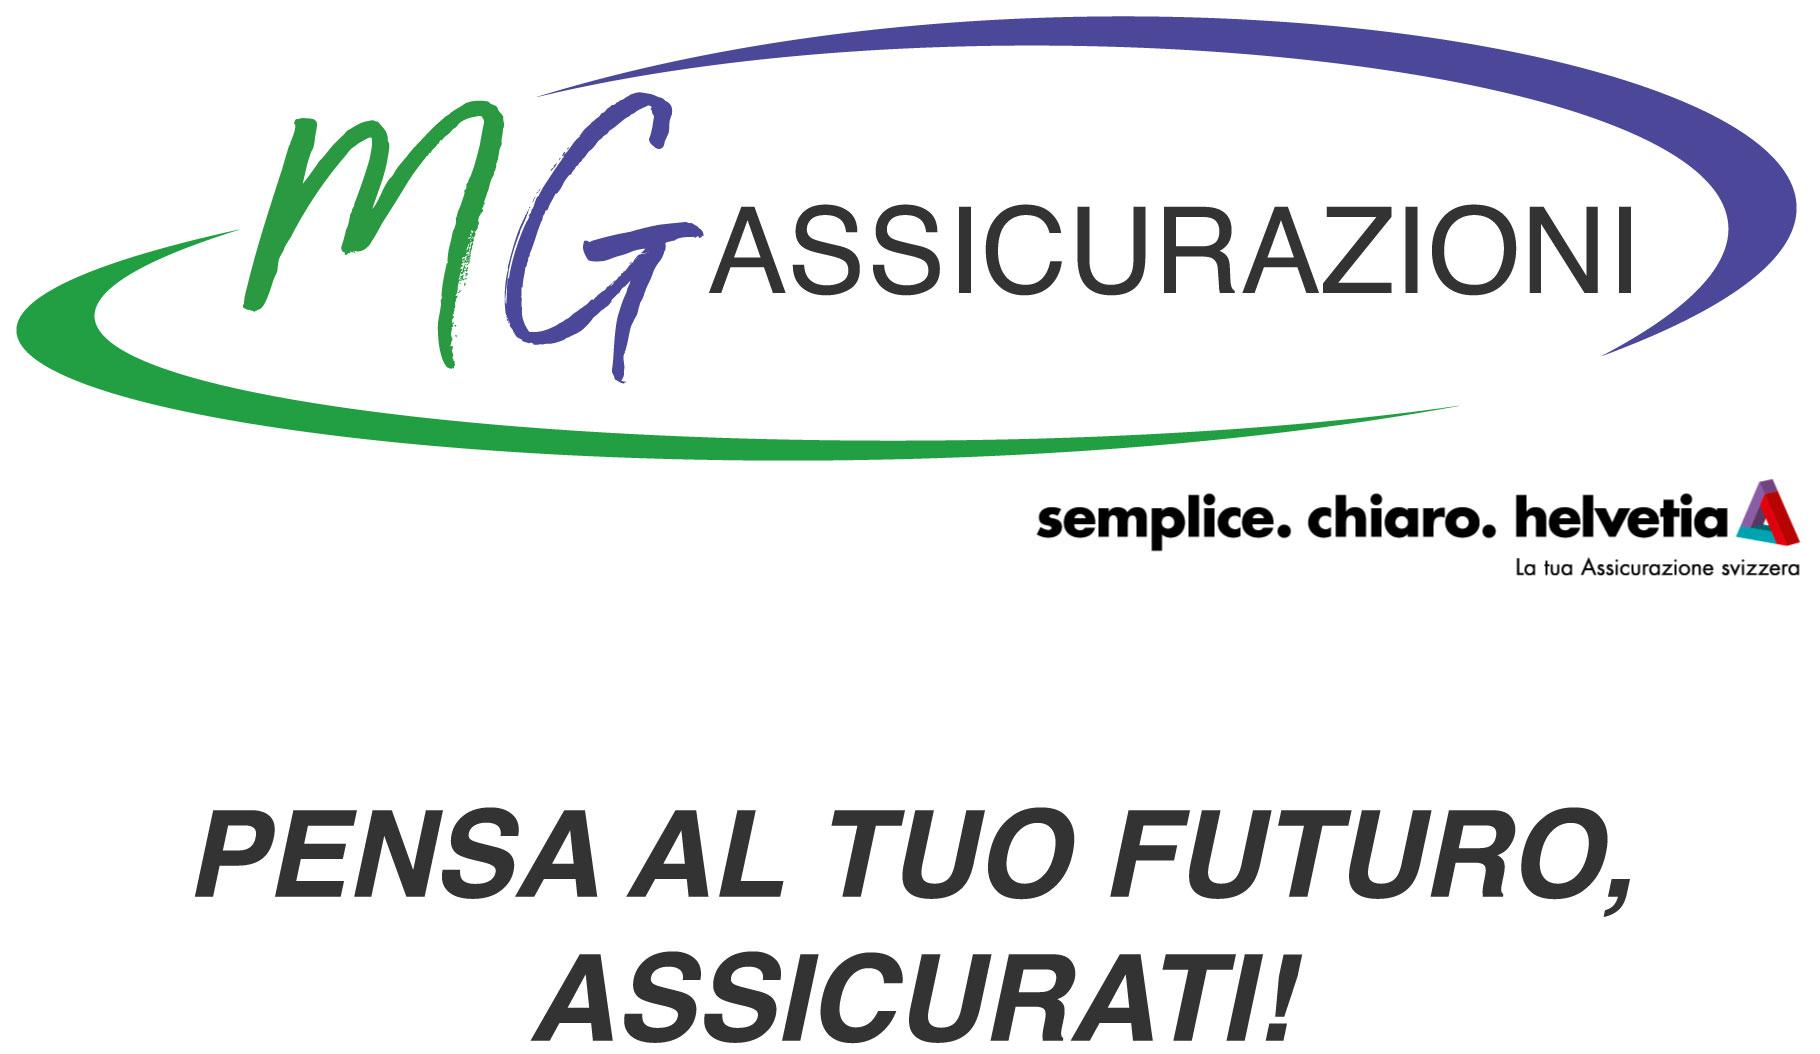 MG Assicurazioni Logo